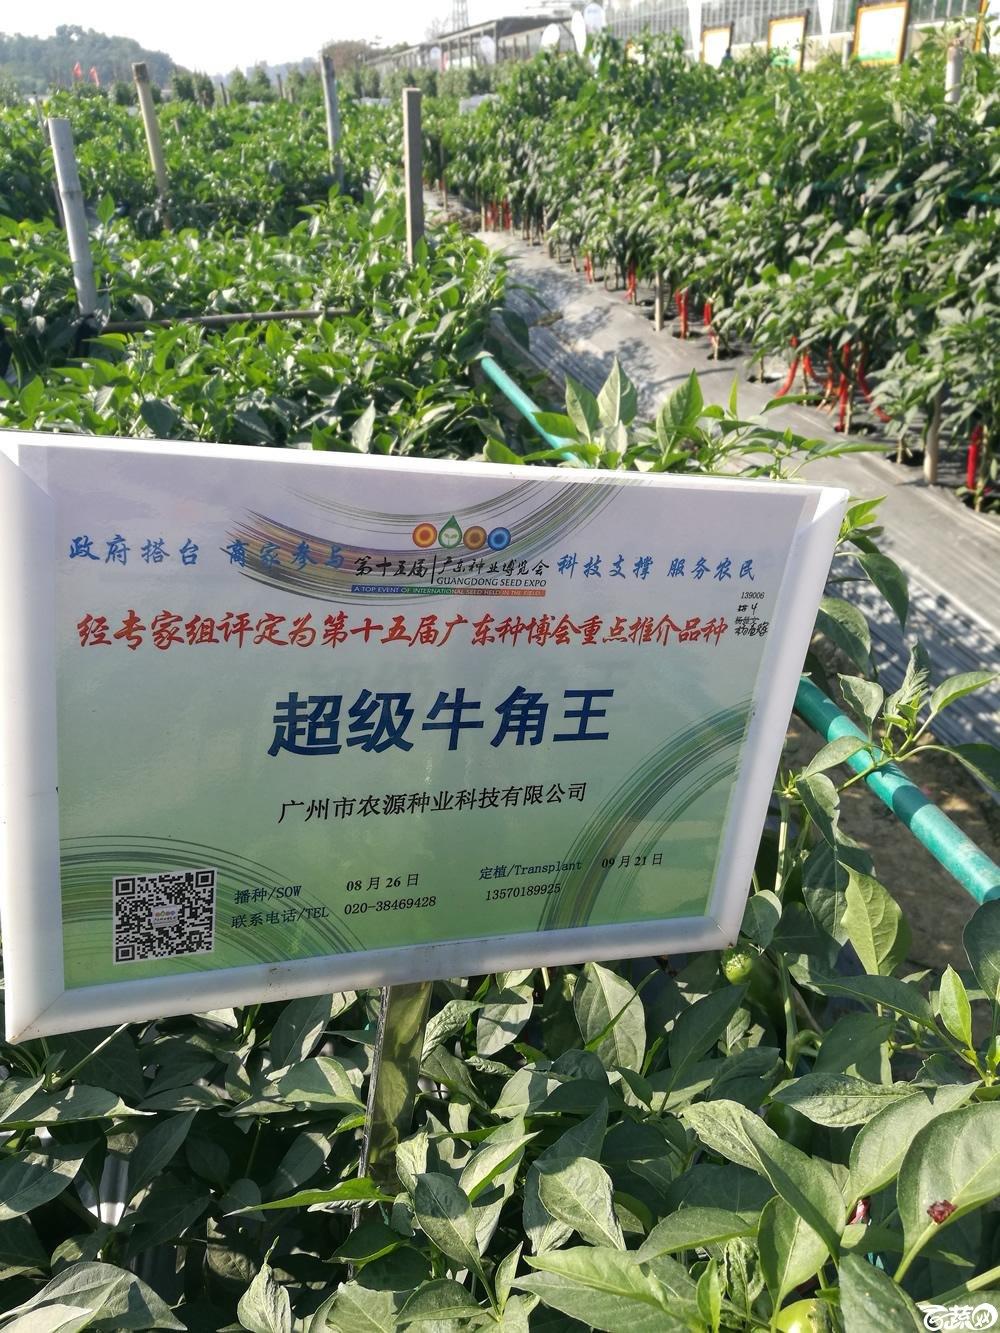 2016年15届广东种博会重点推荐品种,广州农源种业超级牛角椒_001.jpg